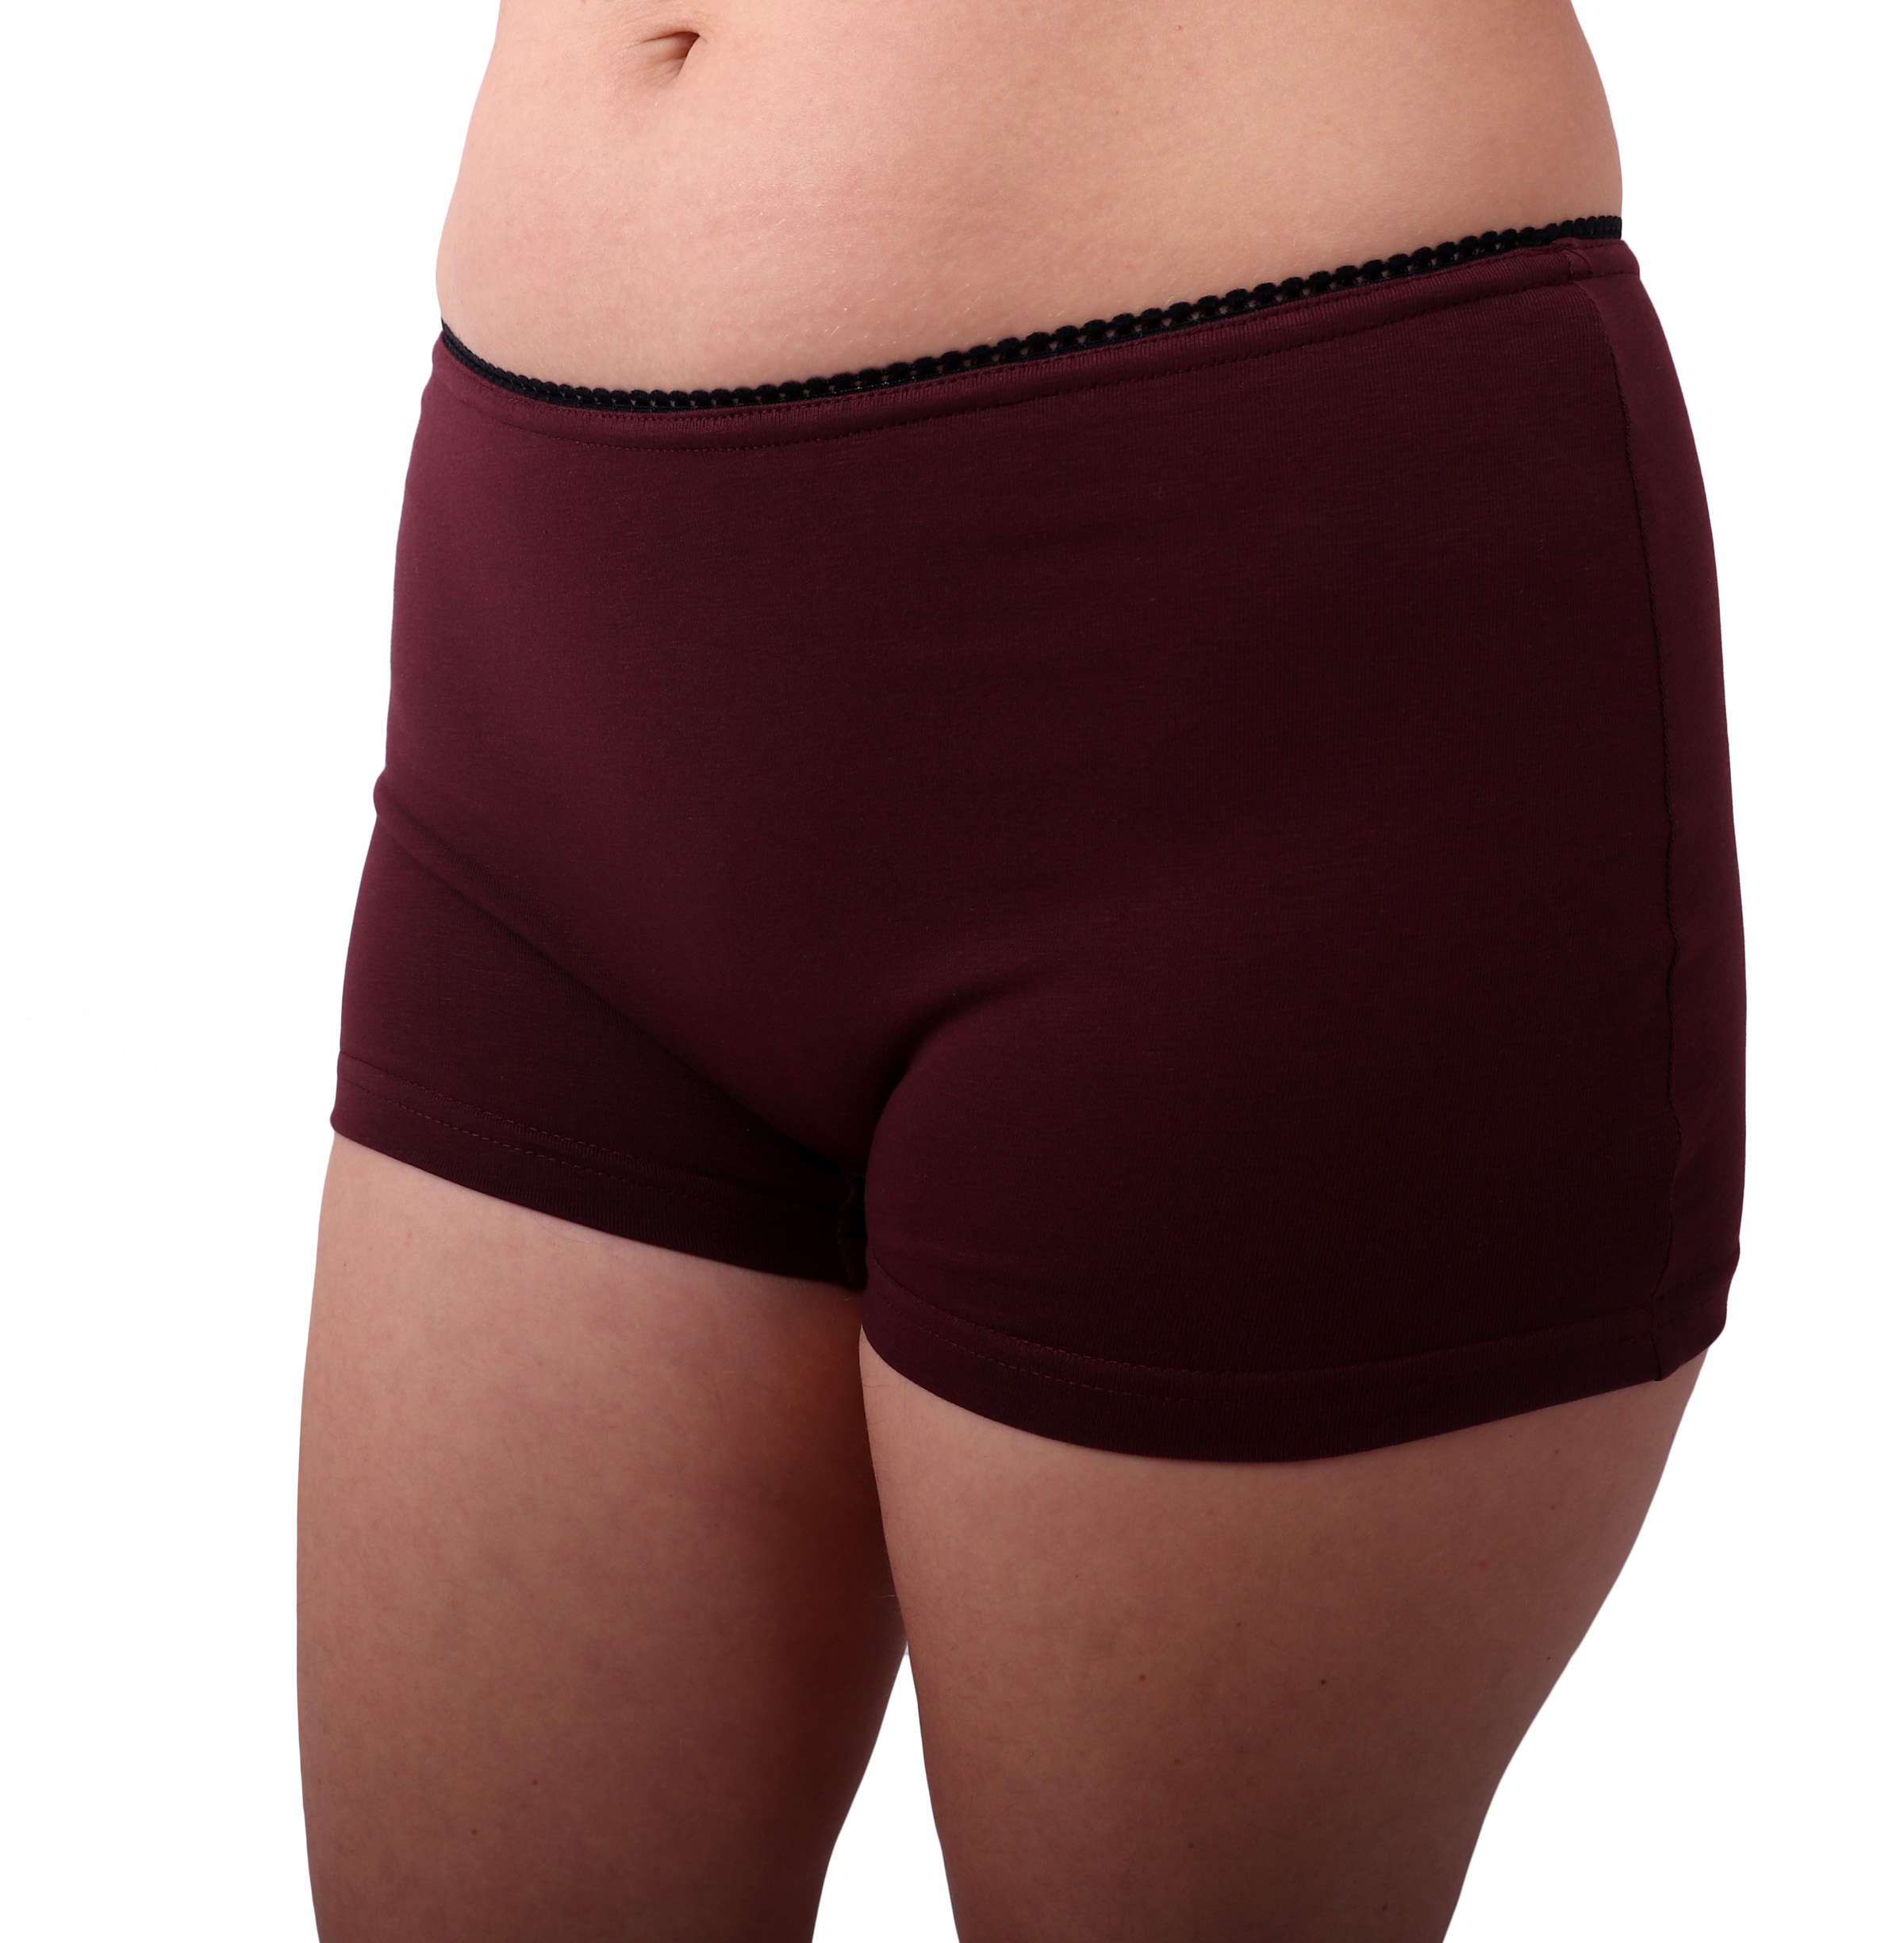 Dámské kalhotky bavlněné, nohavičkové, bordo, 46